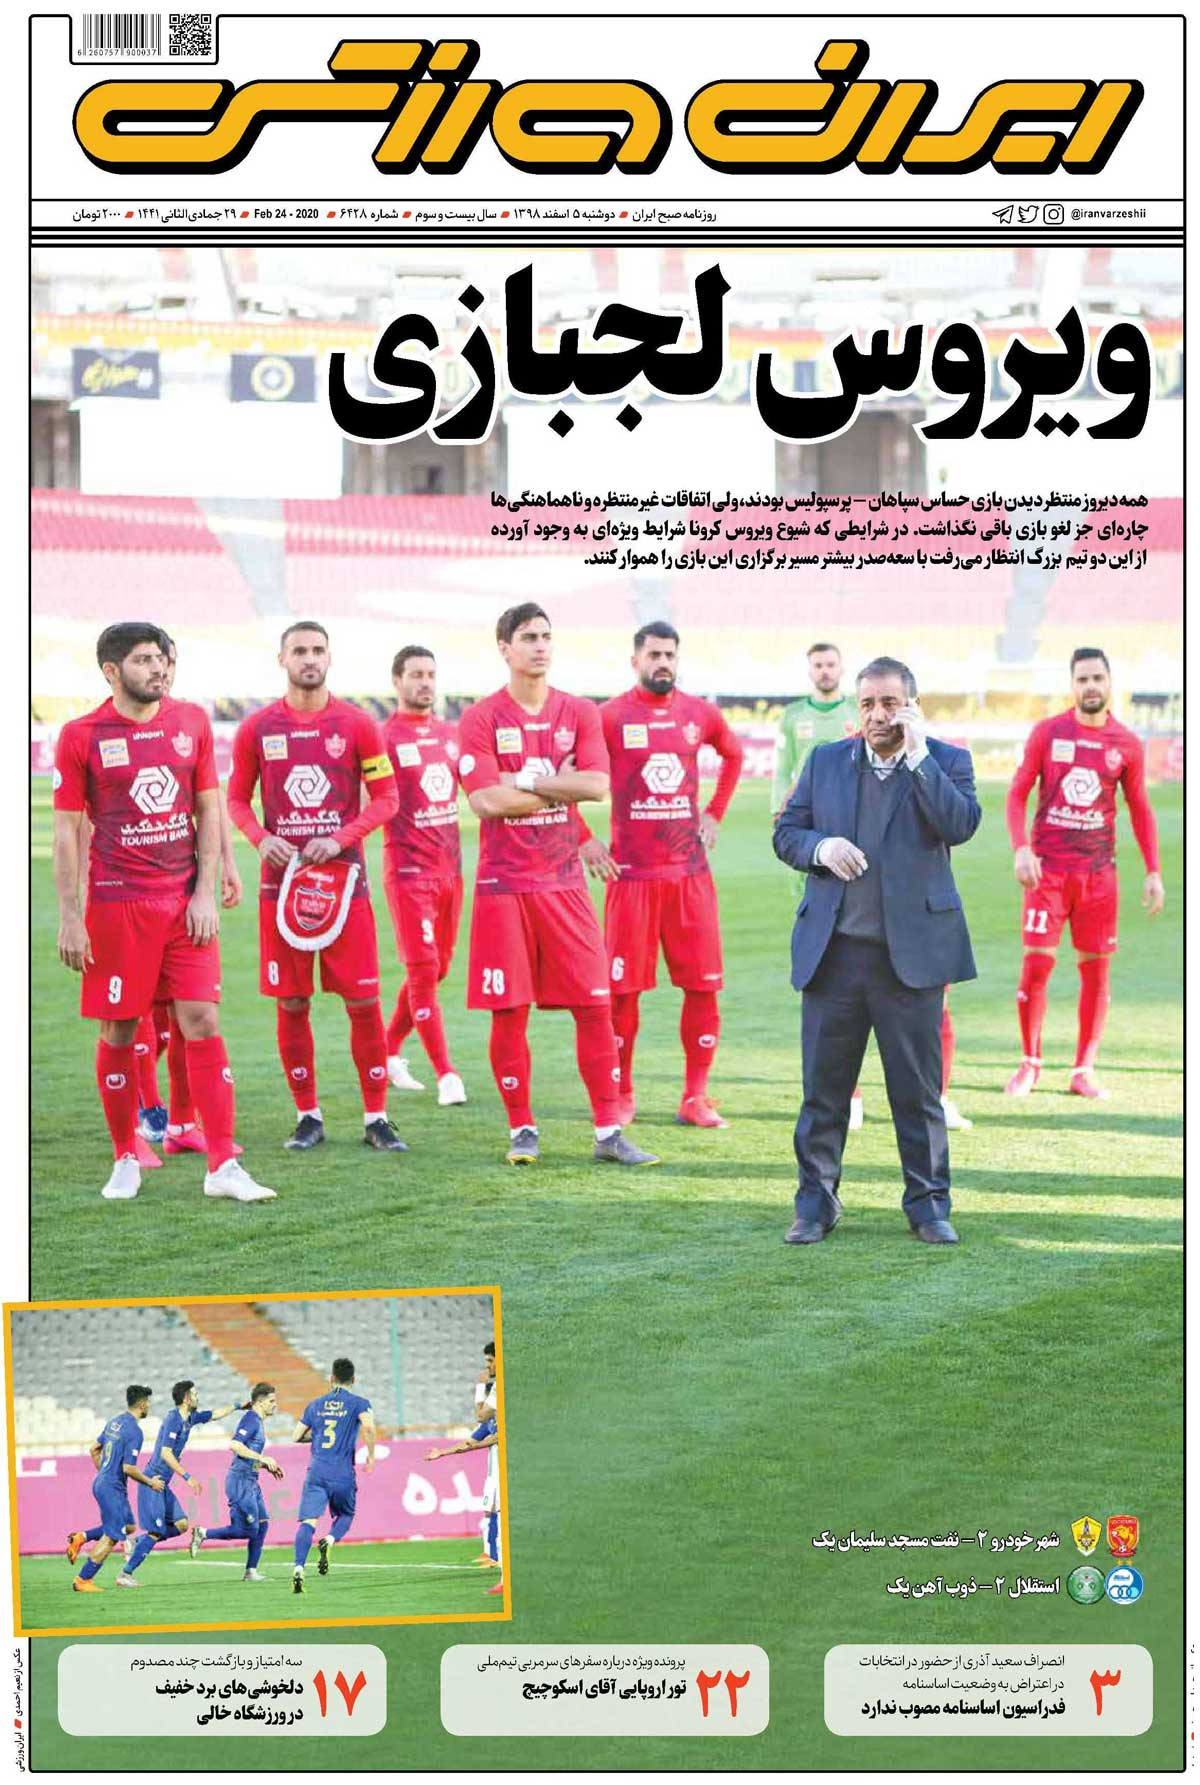 صفحه اول روزنامه ایرانورزشی دوشنبه ۵ اسفند ۹۸